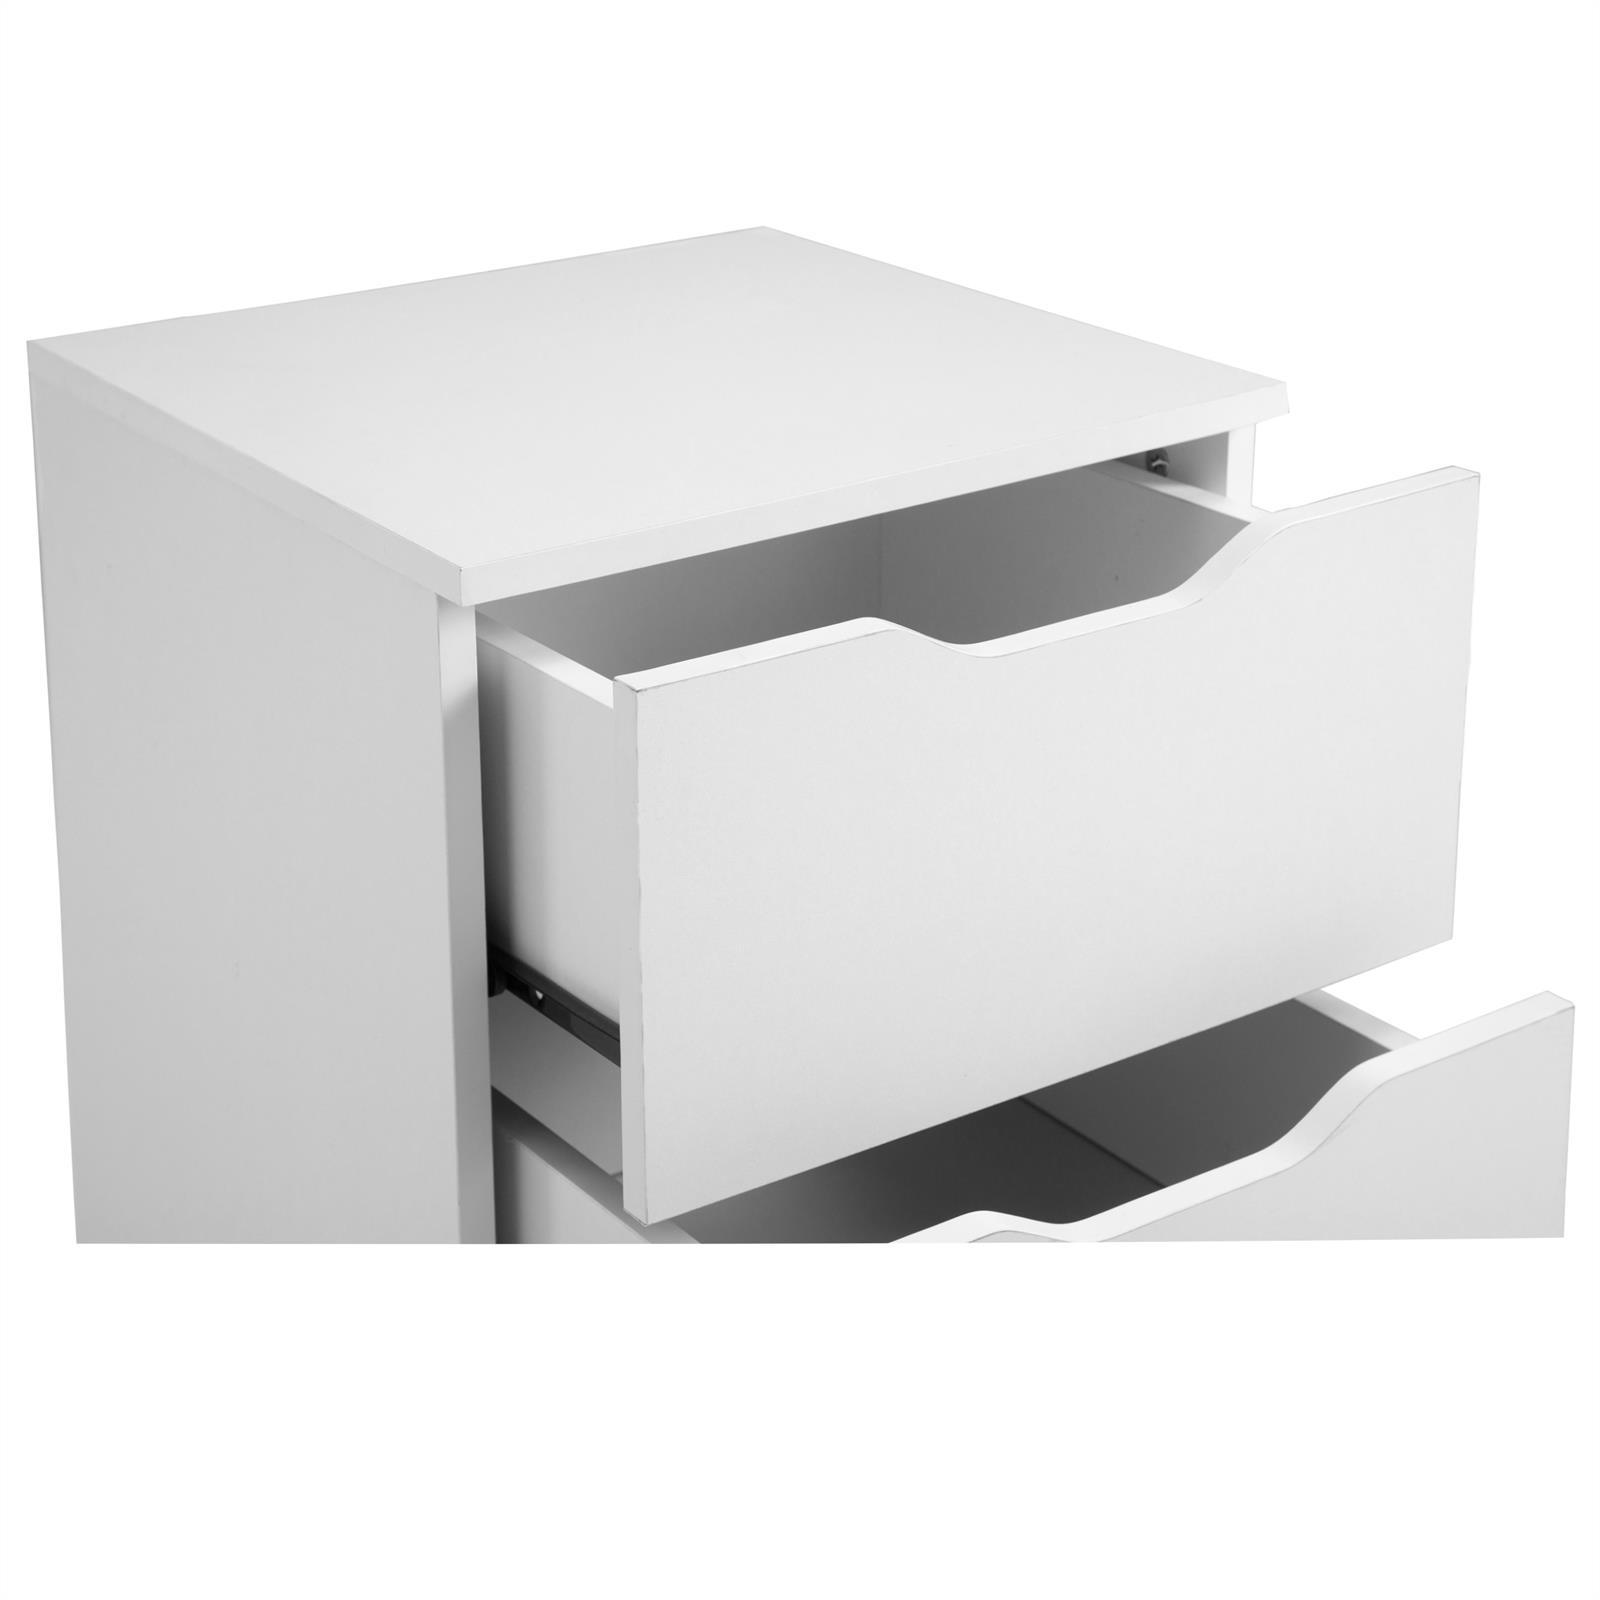 nachttisch nachtkommode nachtschrank f r boxspringbett konsole 3 schubladen ebay. Black Bedroom Furniture Sets. Home Design Ideas